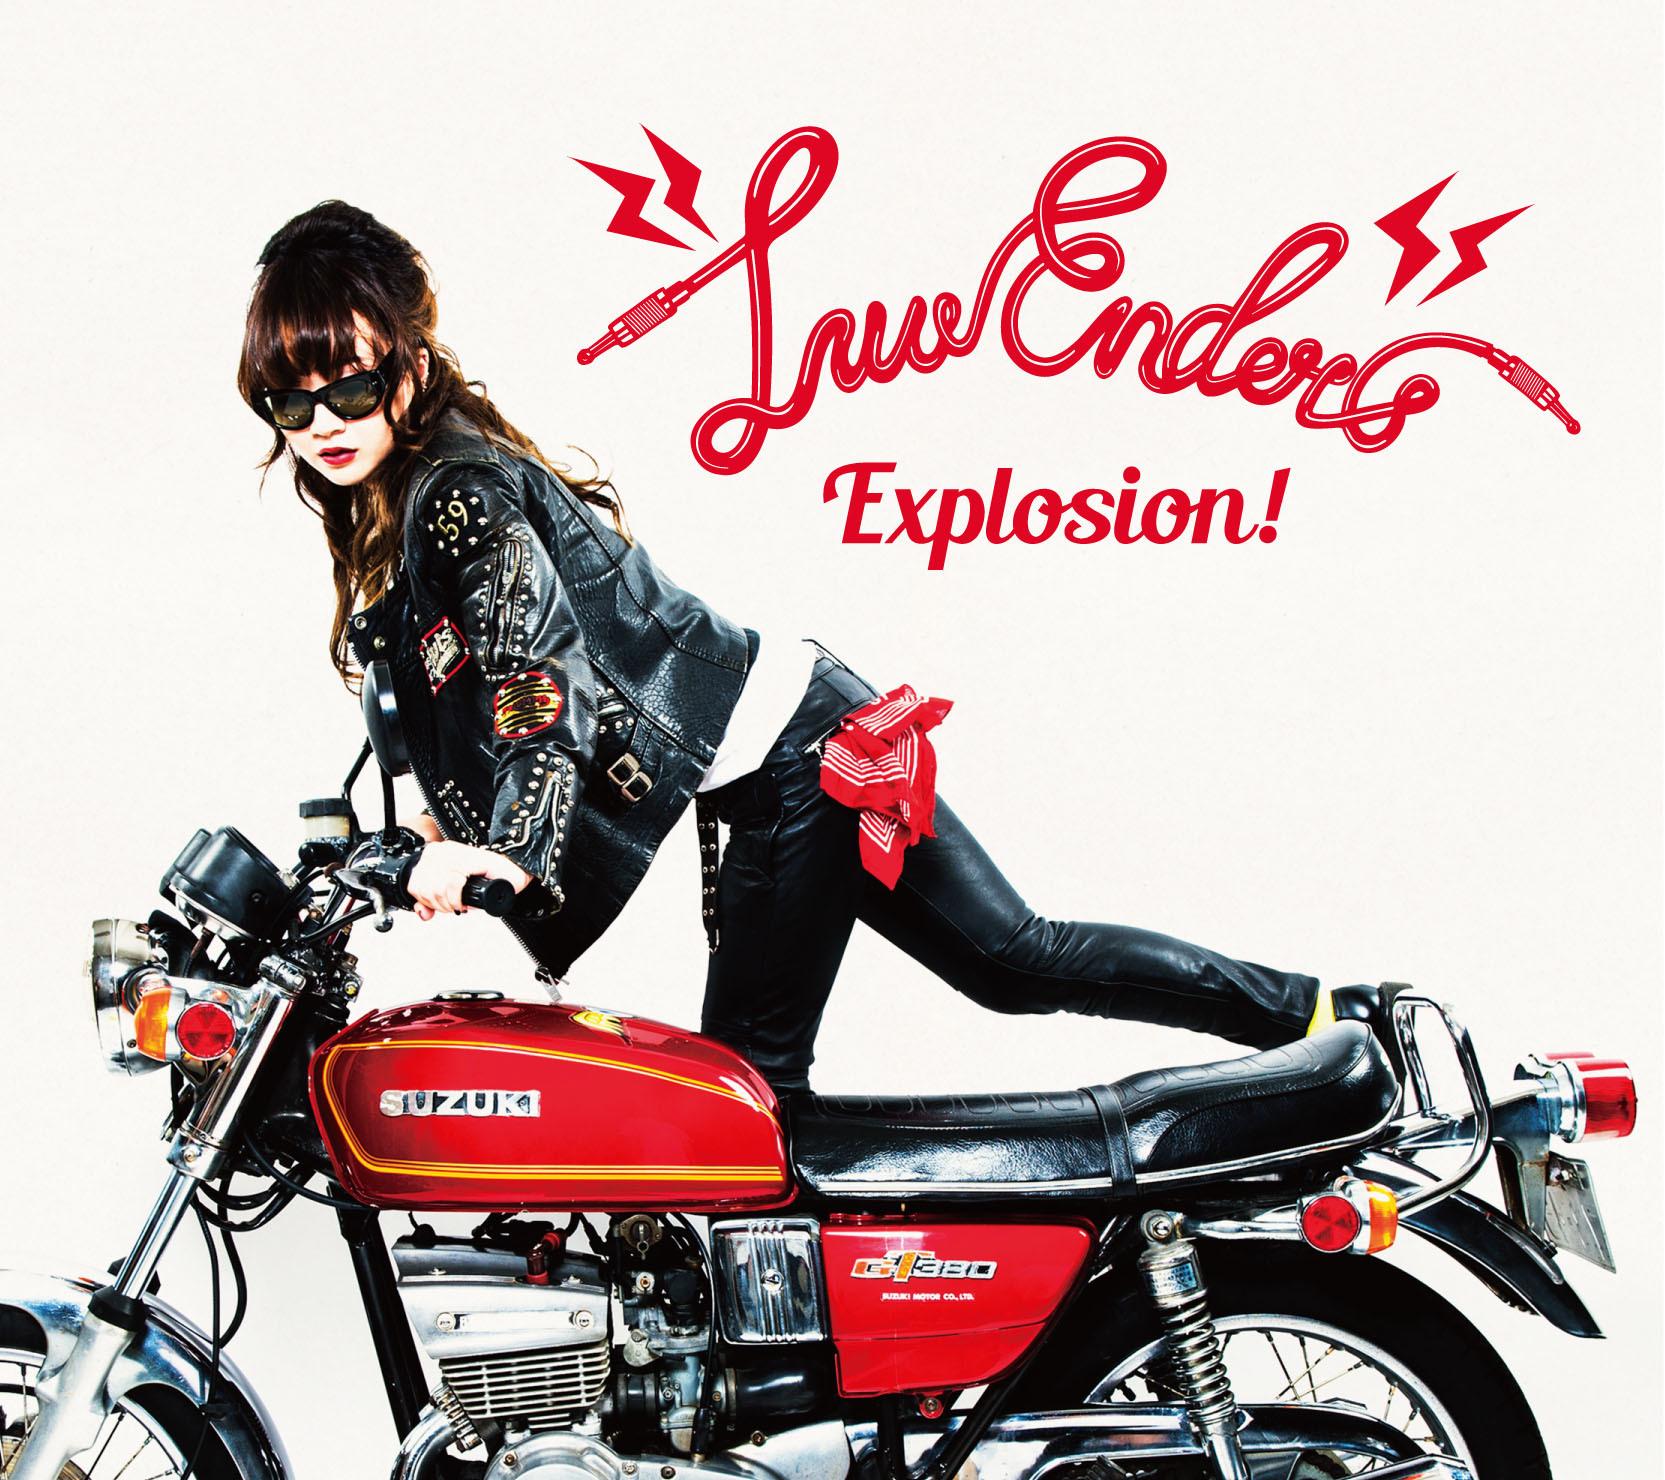 Luv-Enders (ラヴェンダーズ)/Luv-Enders' Explosion! (ラヴェンダーズ / ラヴェンダーズ エクスプロージョン)RVLG-010